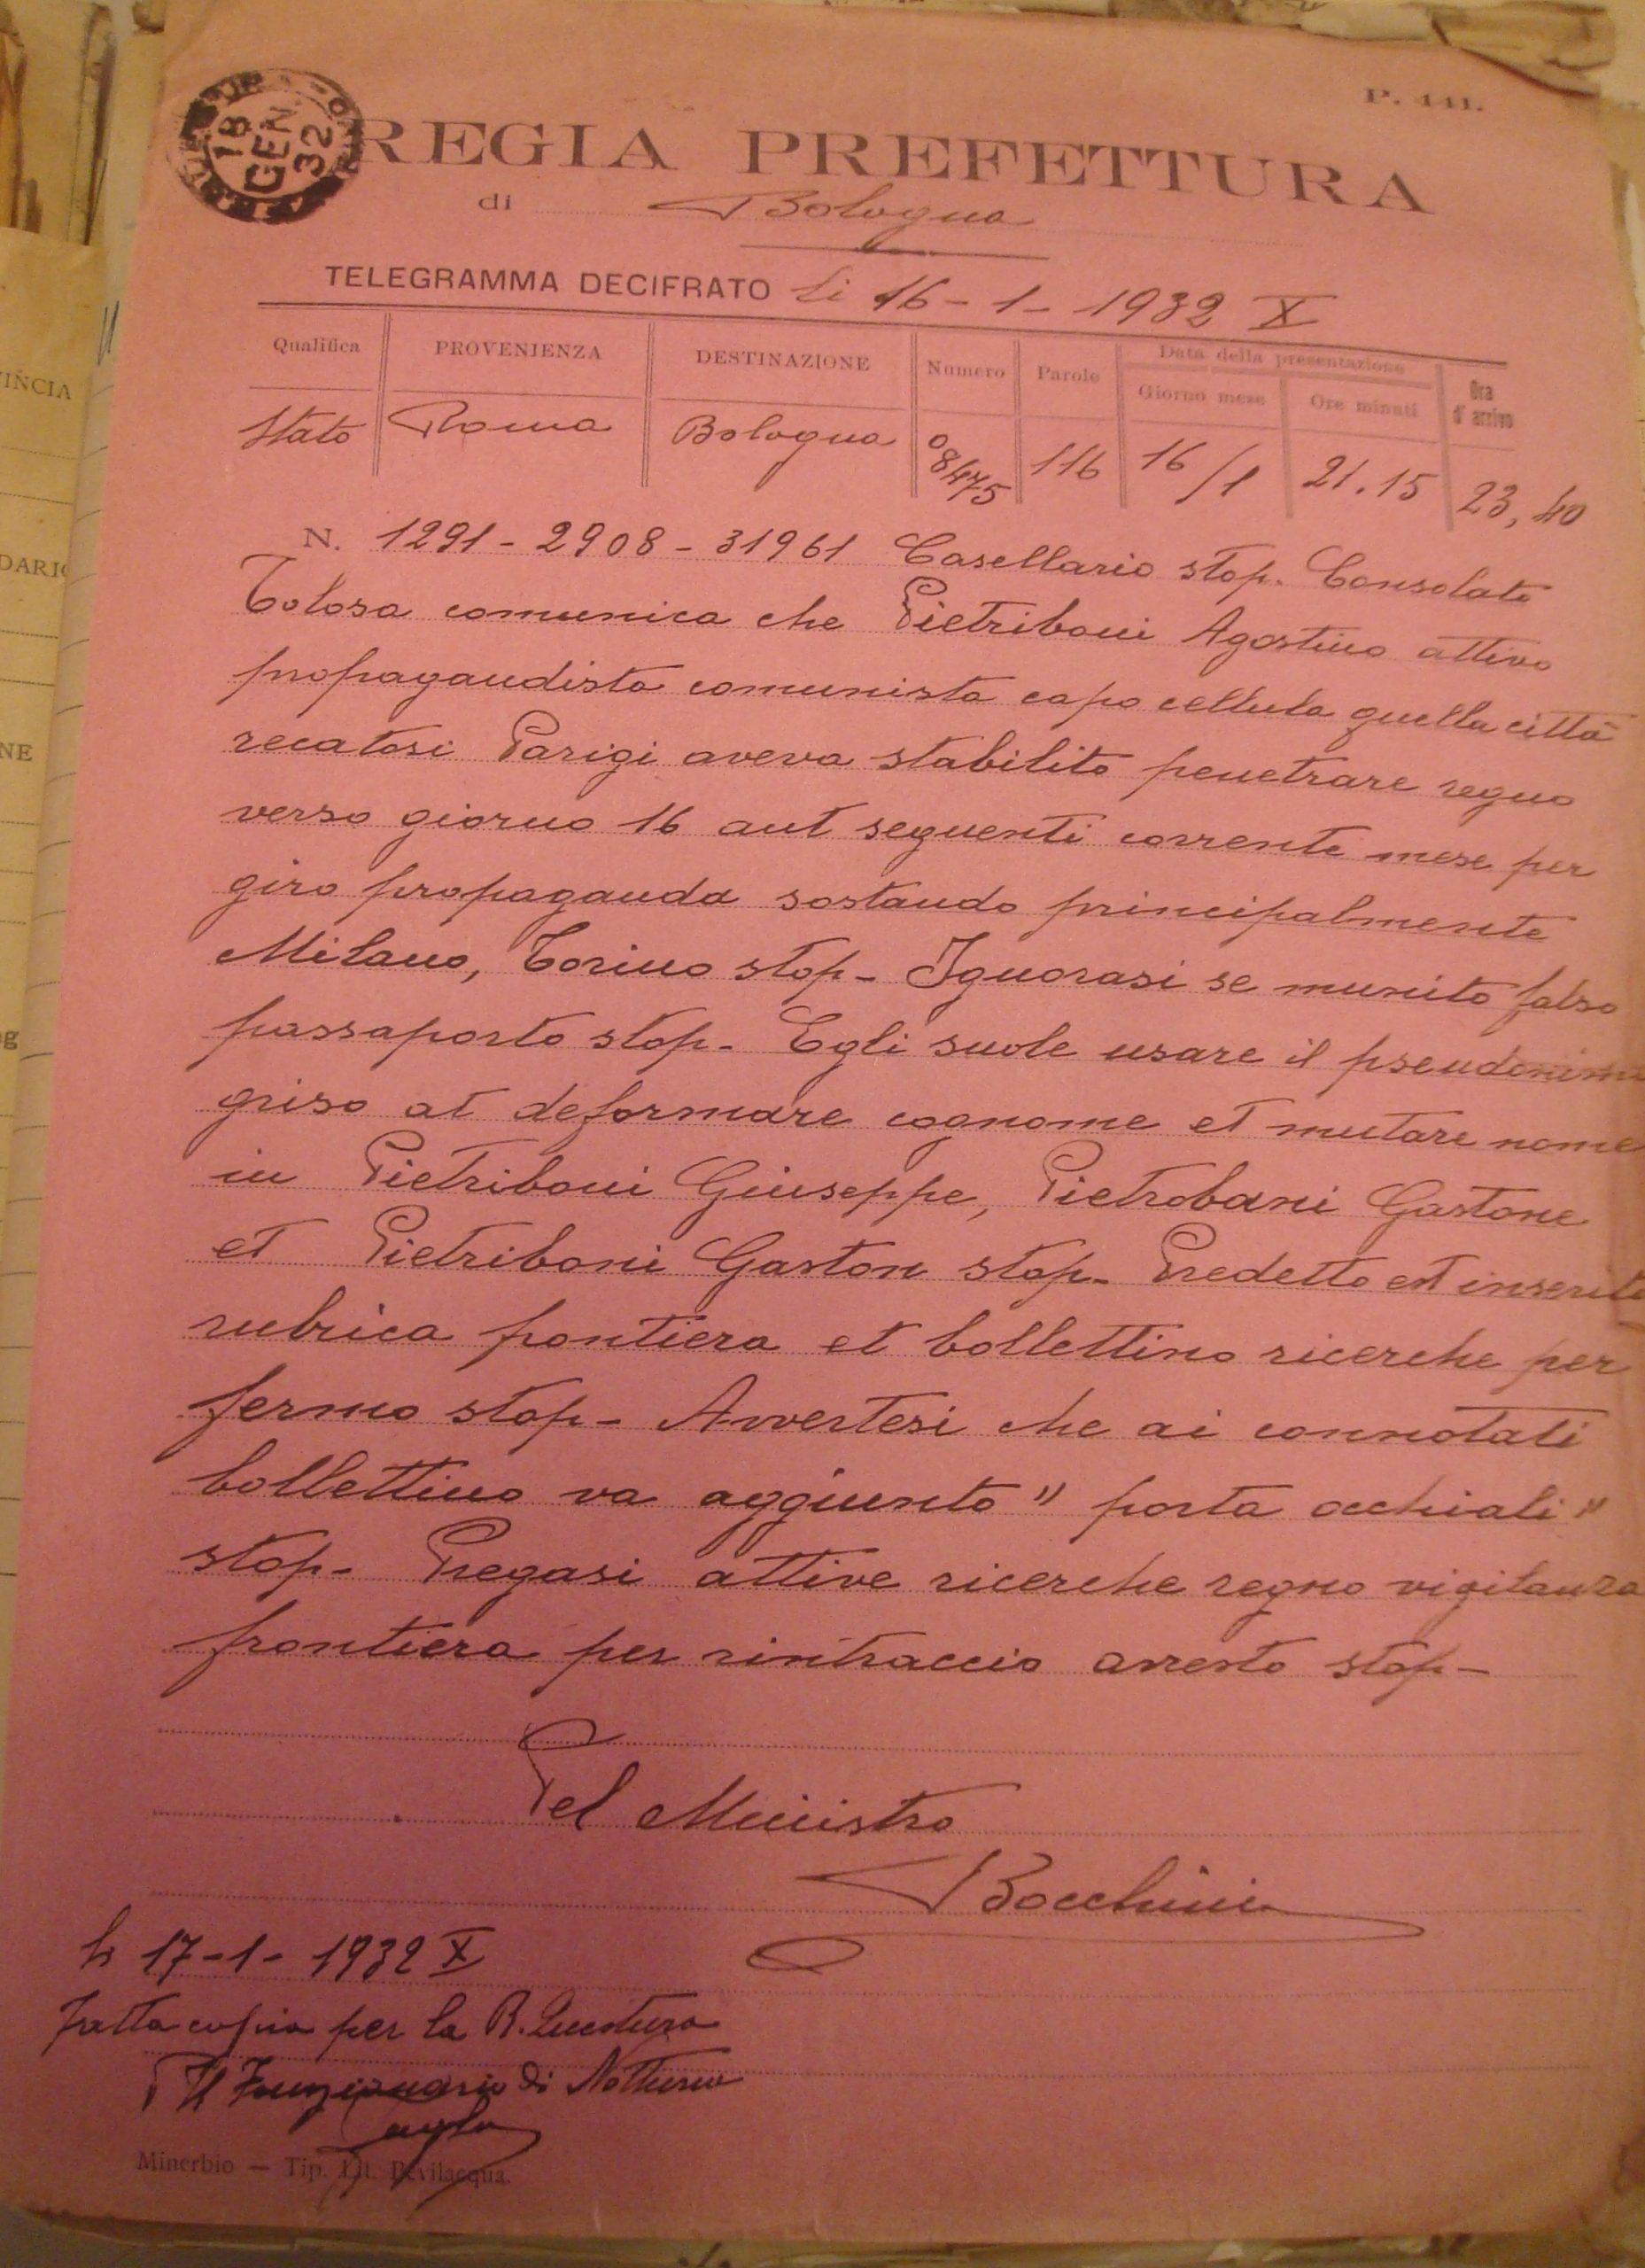 Il rapporto del 18 gennaio 1932 della Regia Prefettura di Bologna, che riporta il telegramma, inviato il 16 gennaio da Roma firmato dal capo della polizia Bocchini. Archivio di Stato di Bologna.